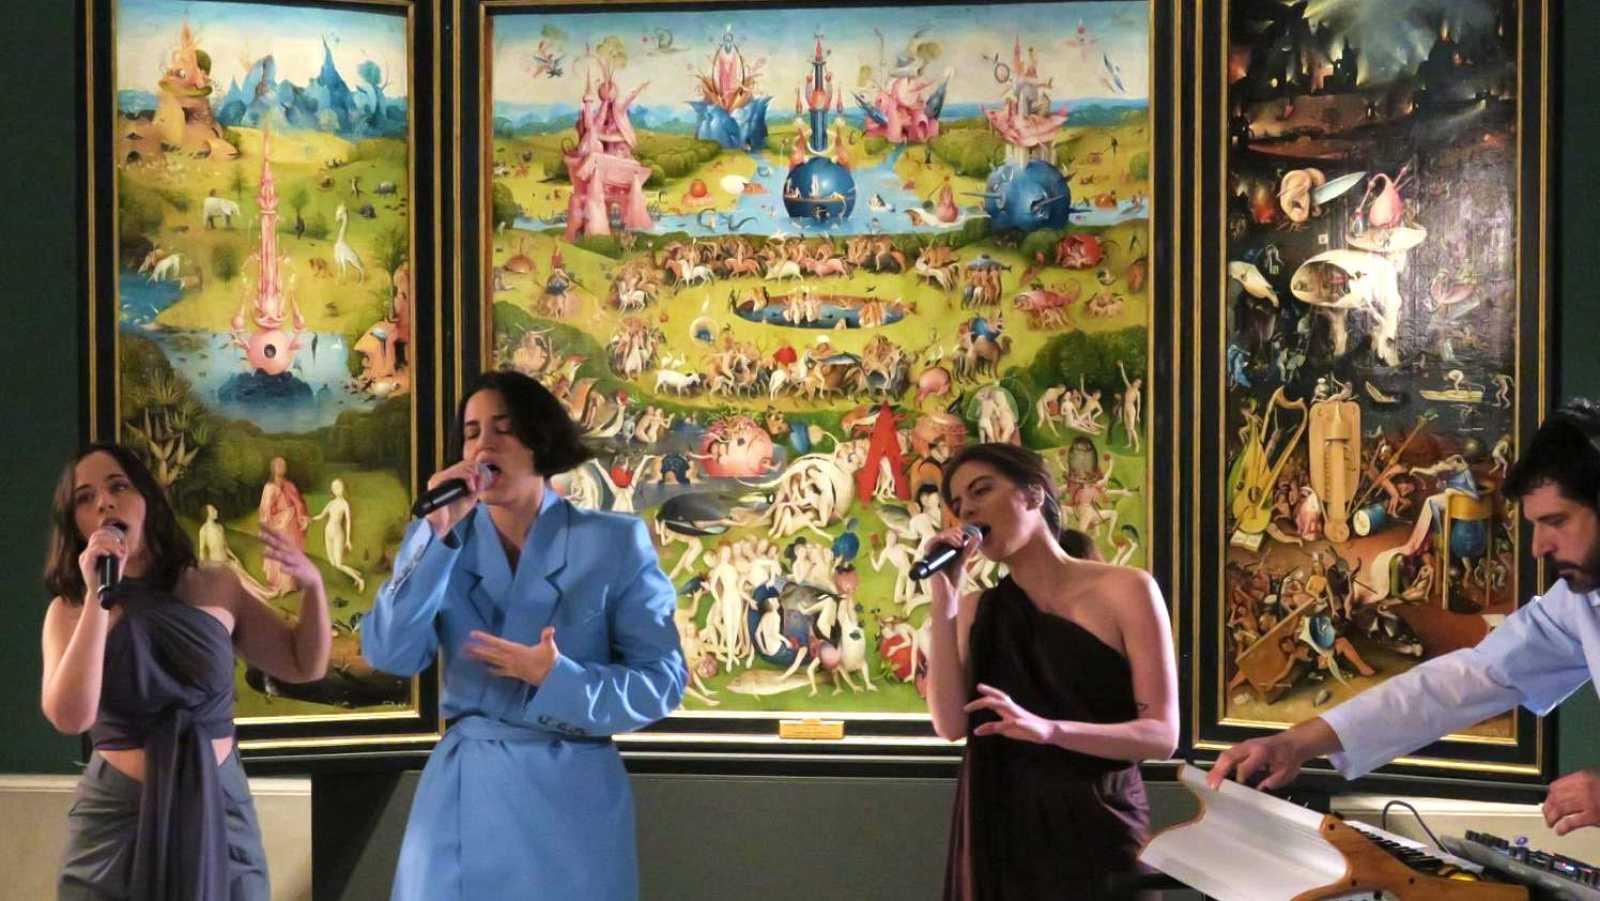 María Arnal i Marcel Bagés con Radio 3 Extra en el Museo del Prado